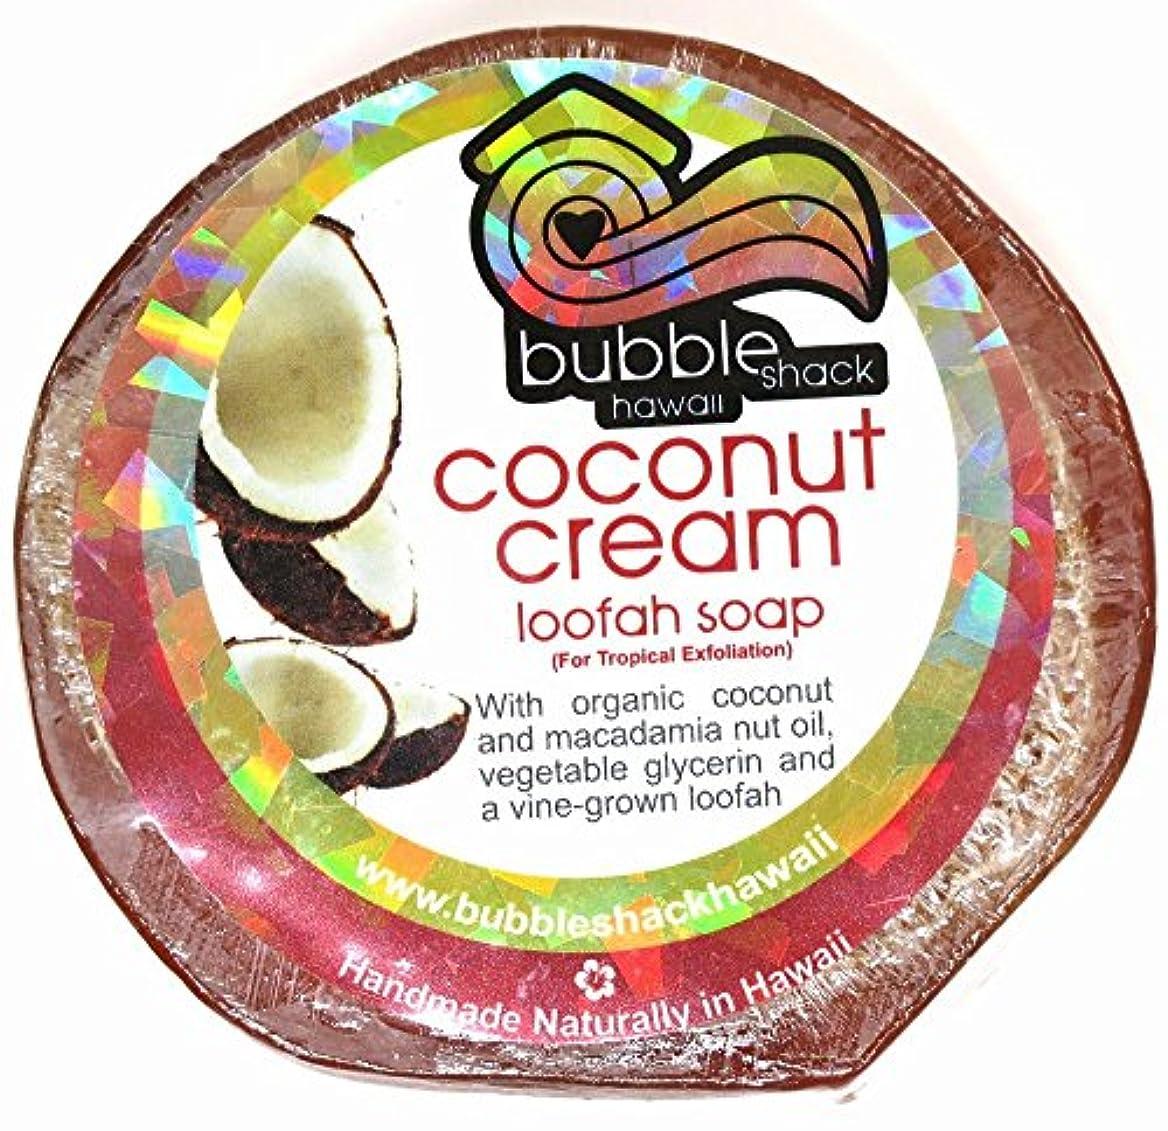 等しいかび臭い一般的にハワイアン雑貨/ハワイ 雑貨【バブルシャック】Bubble Shack Hawaii ルーファーソープ(ココナッツクリーム) 【お土産】